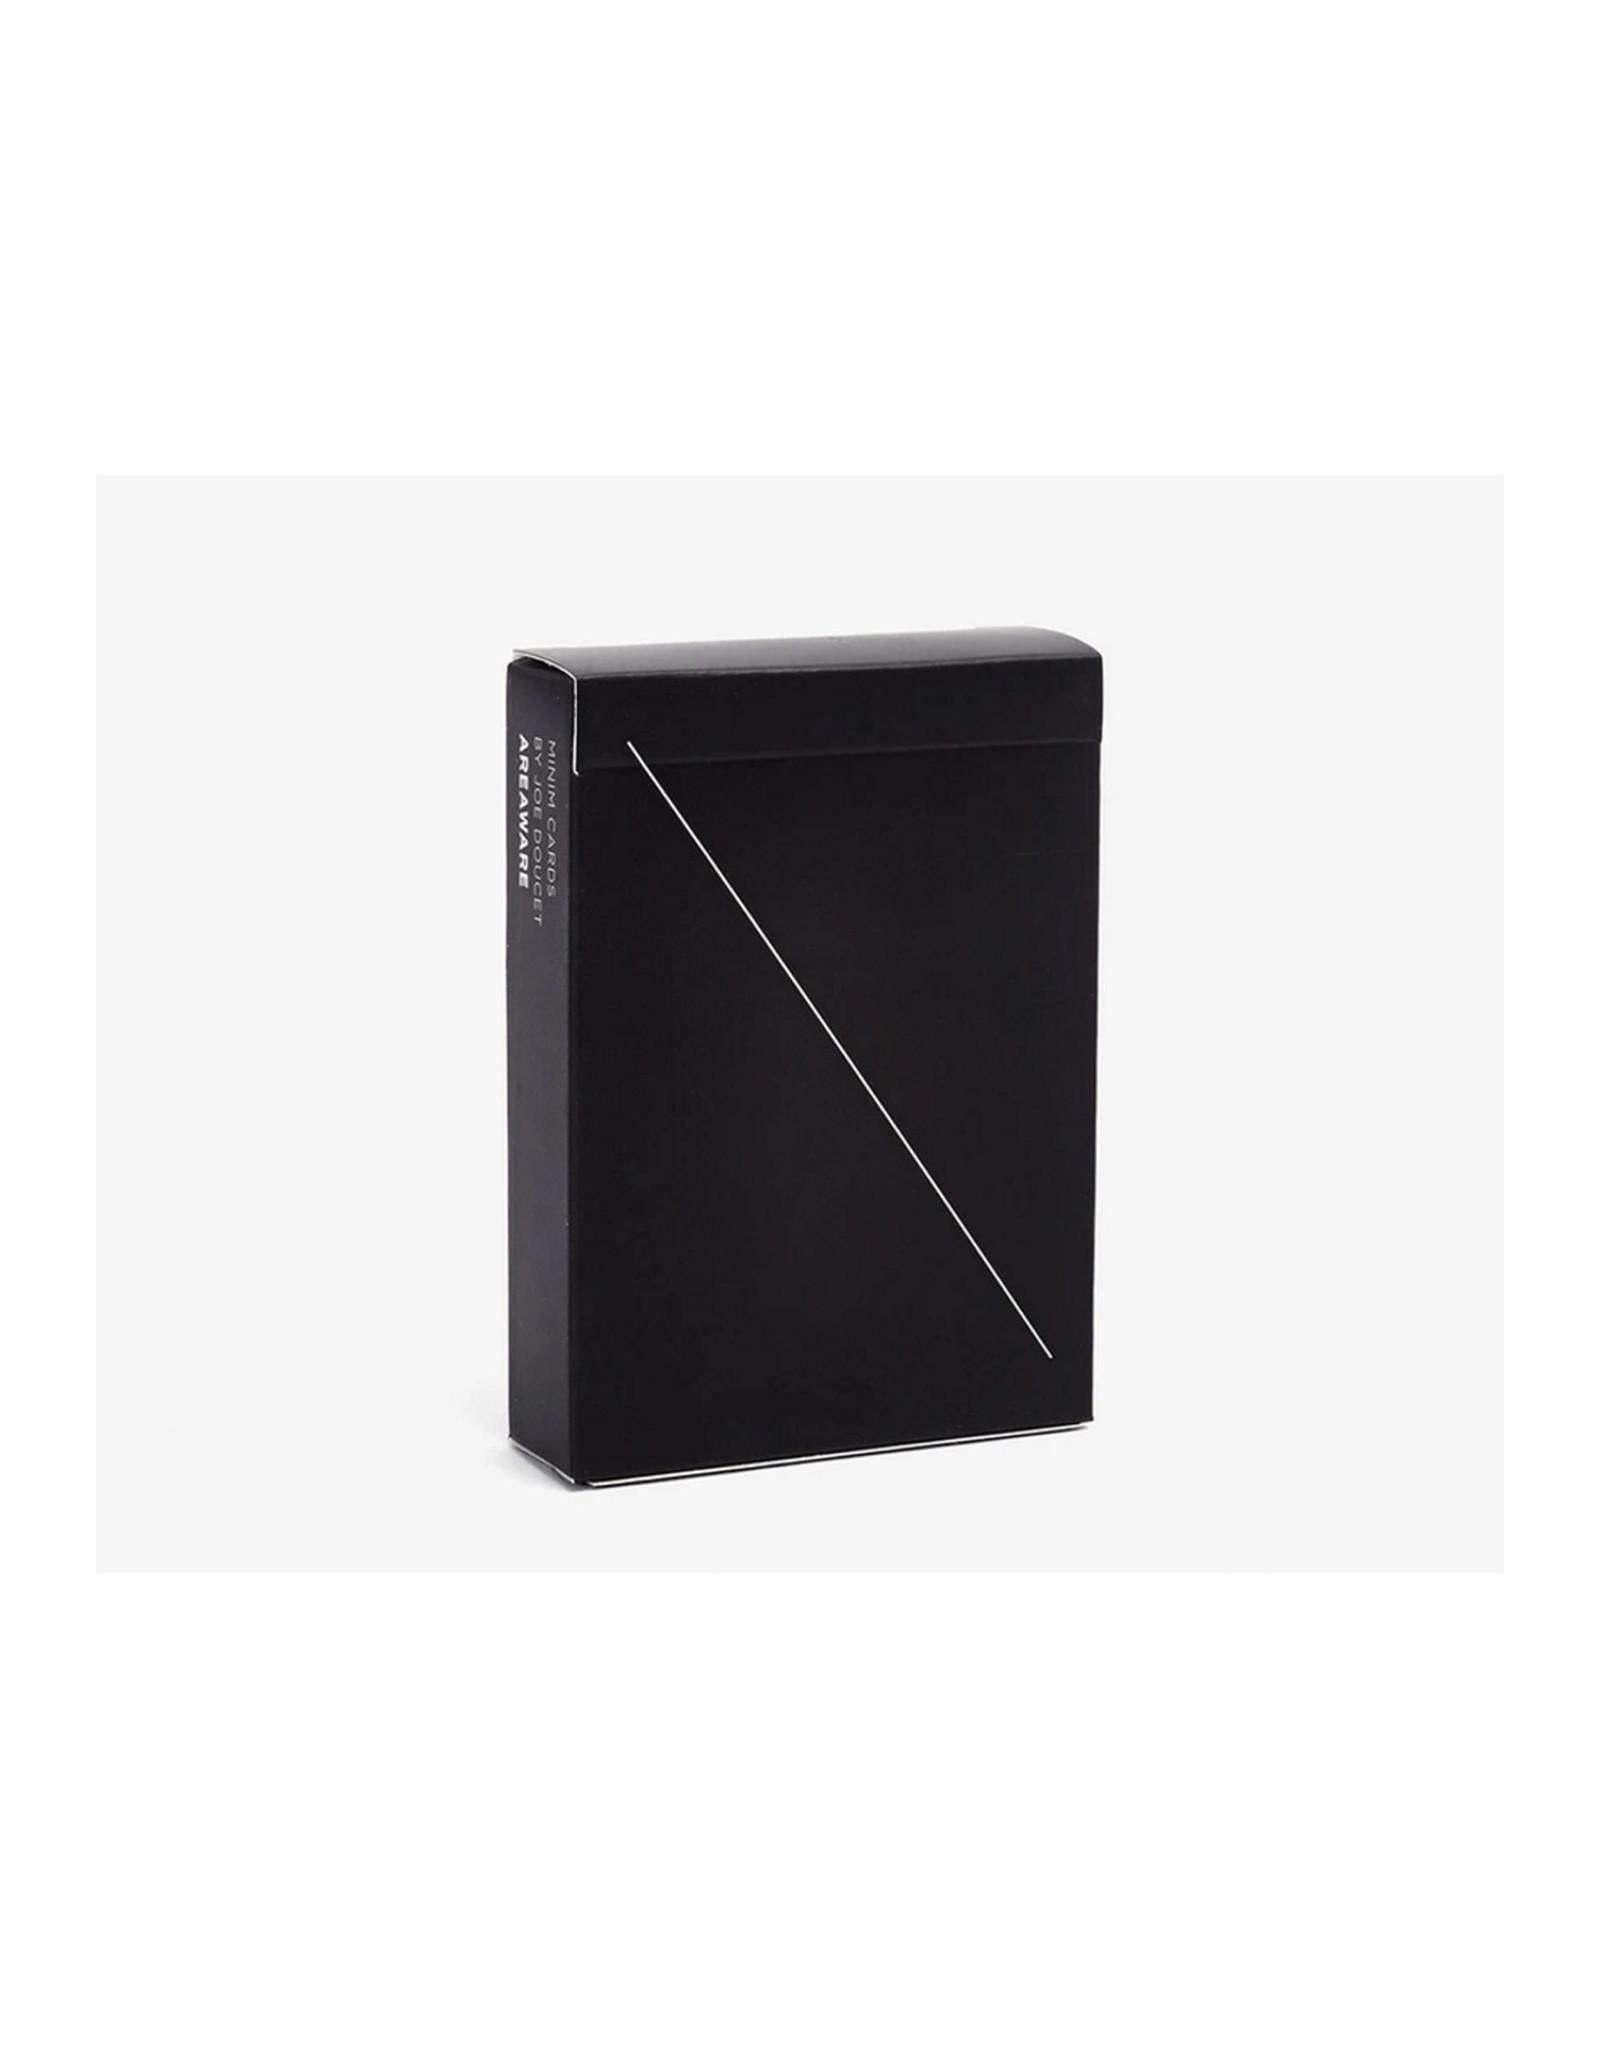 Areaware Minim Playing Cards, Black